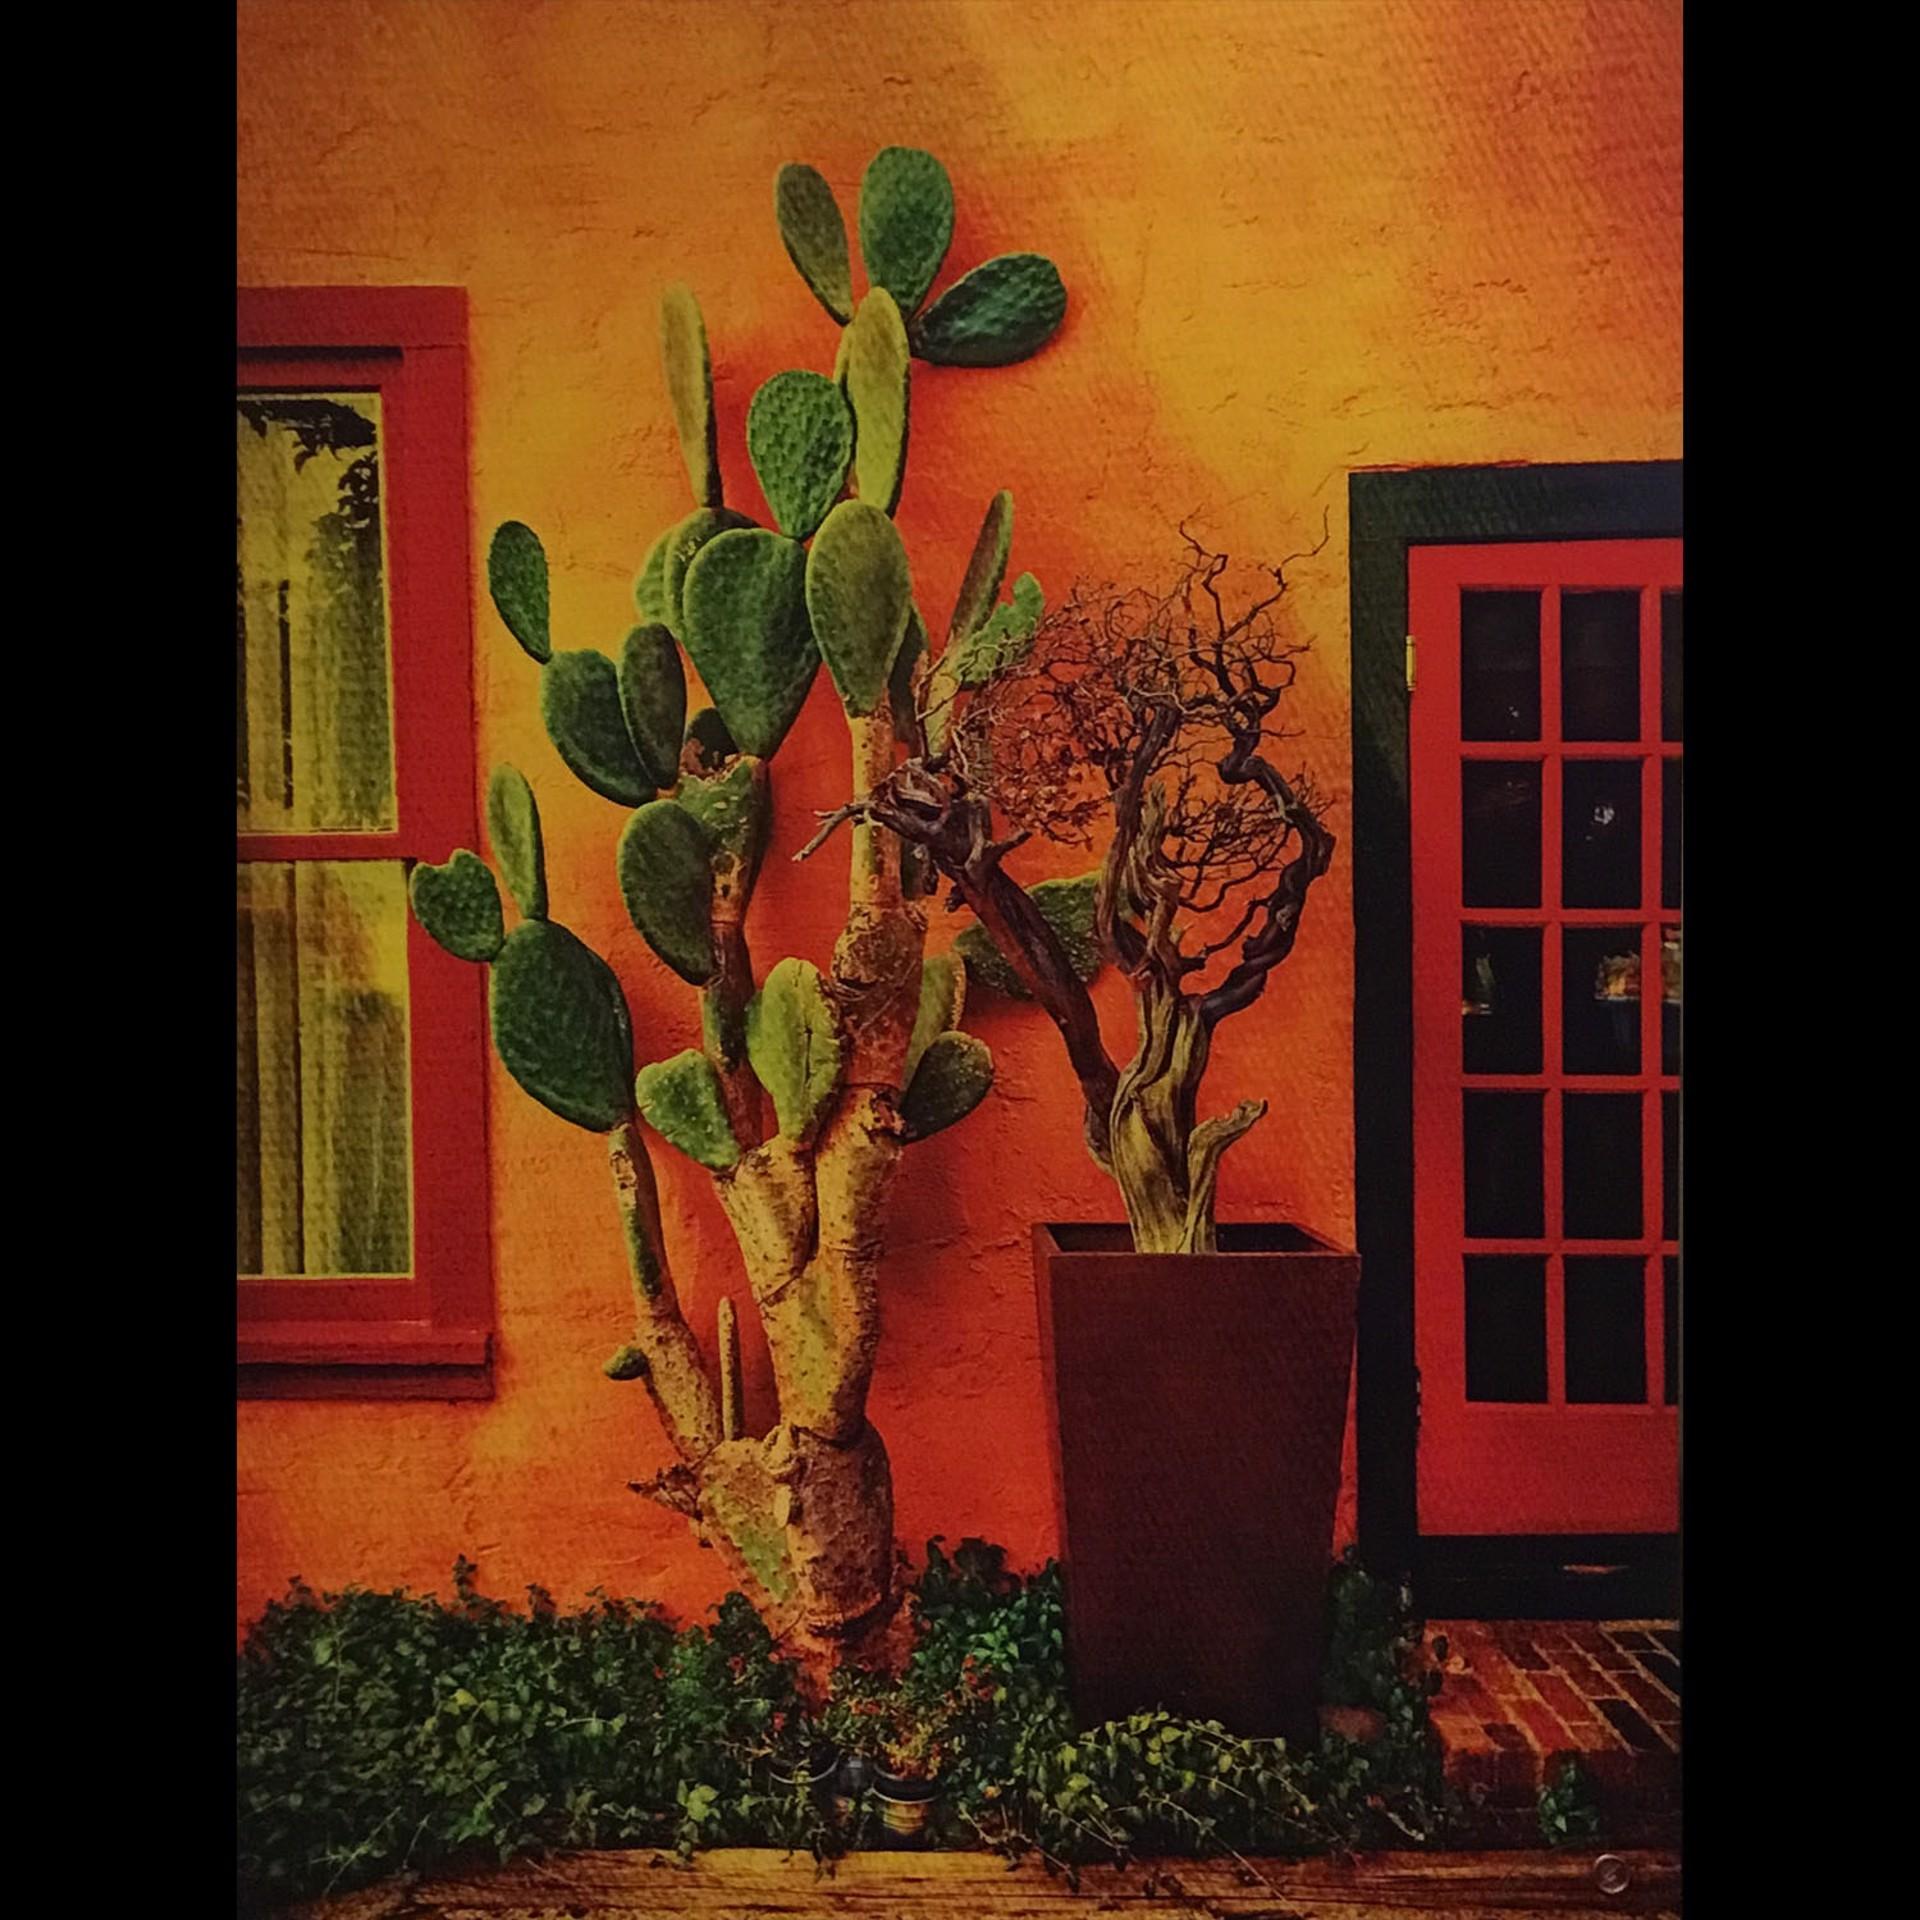 Cactus Door by Bob Coates